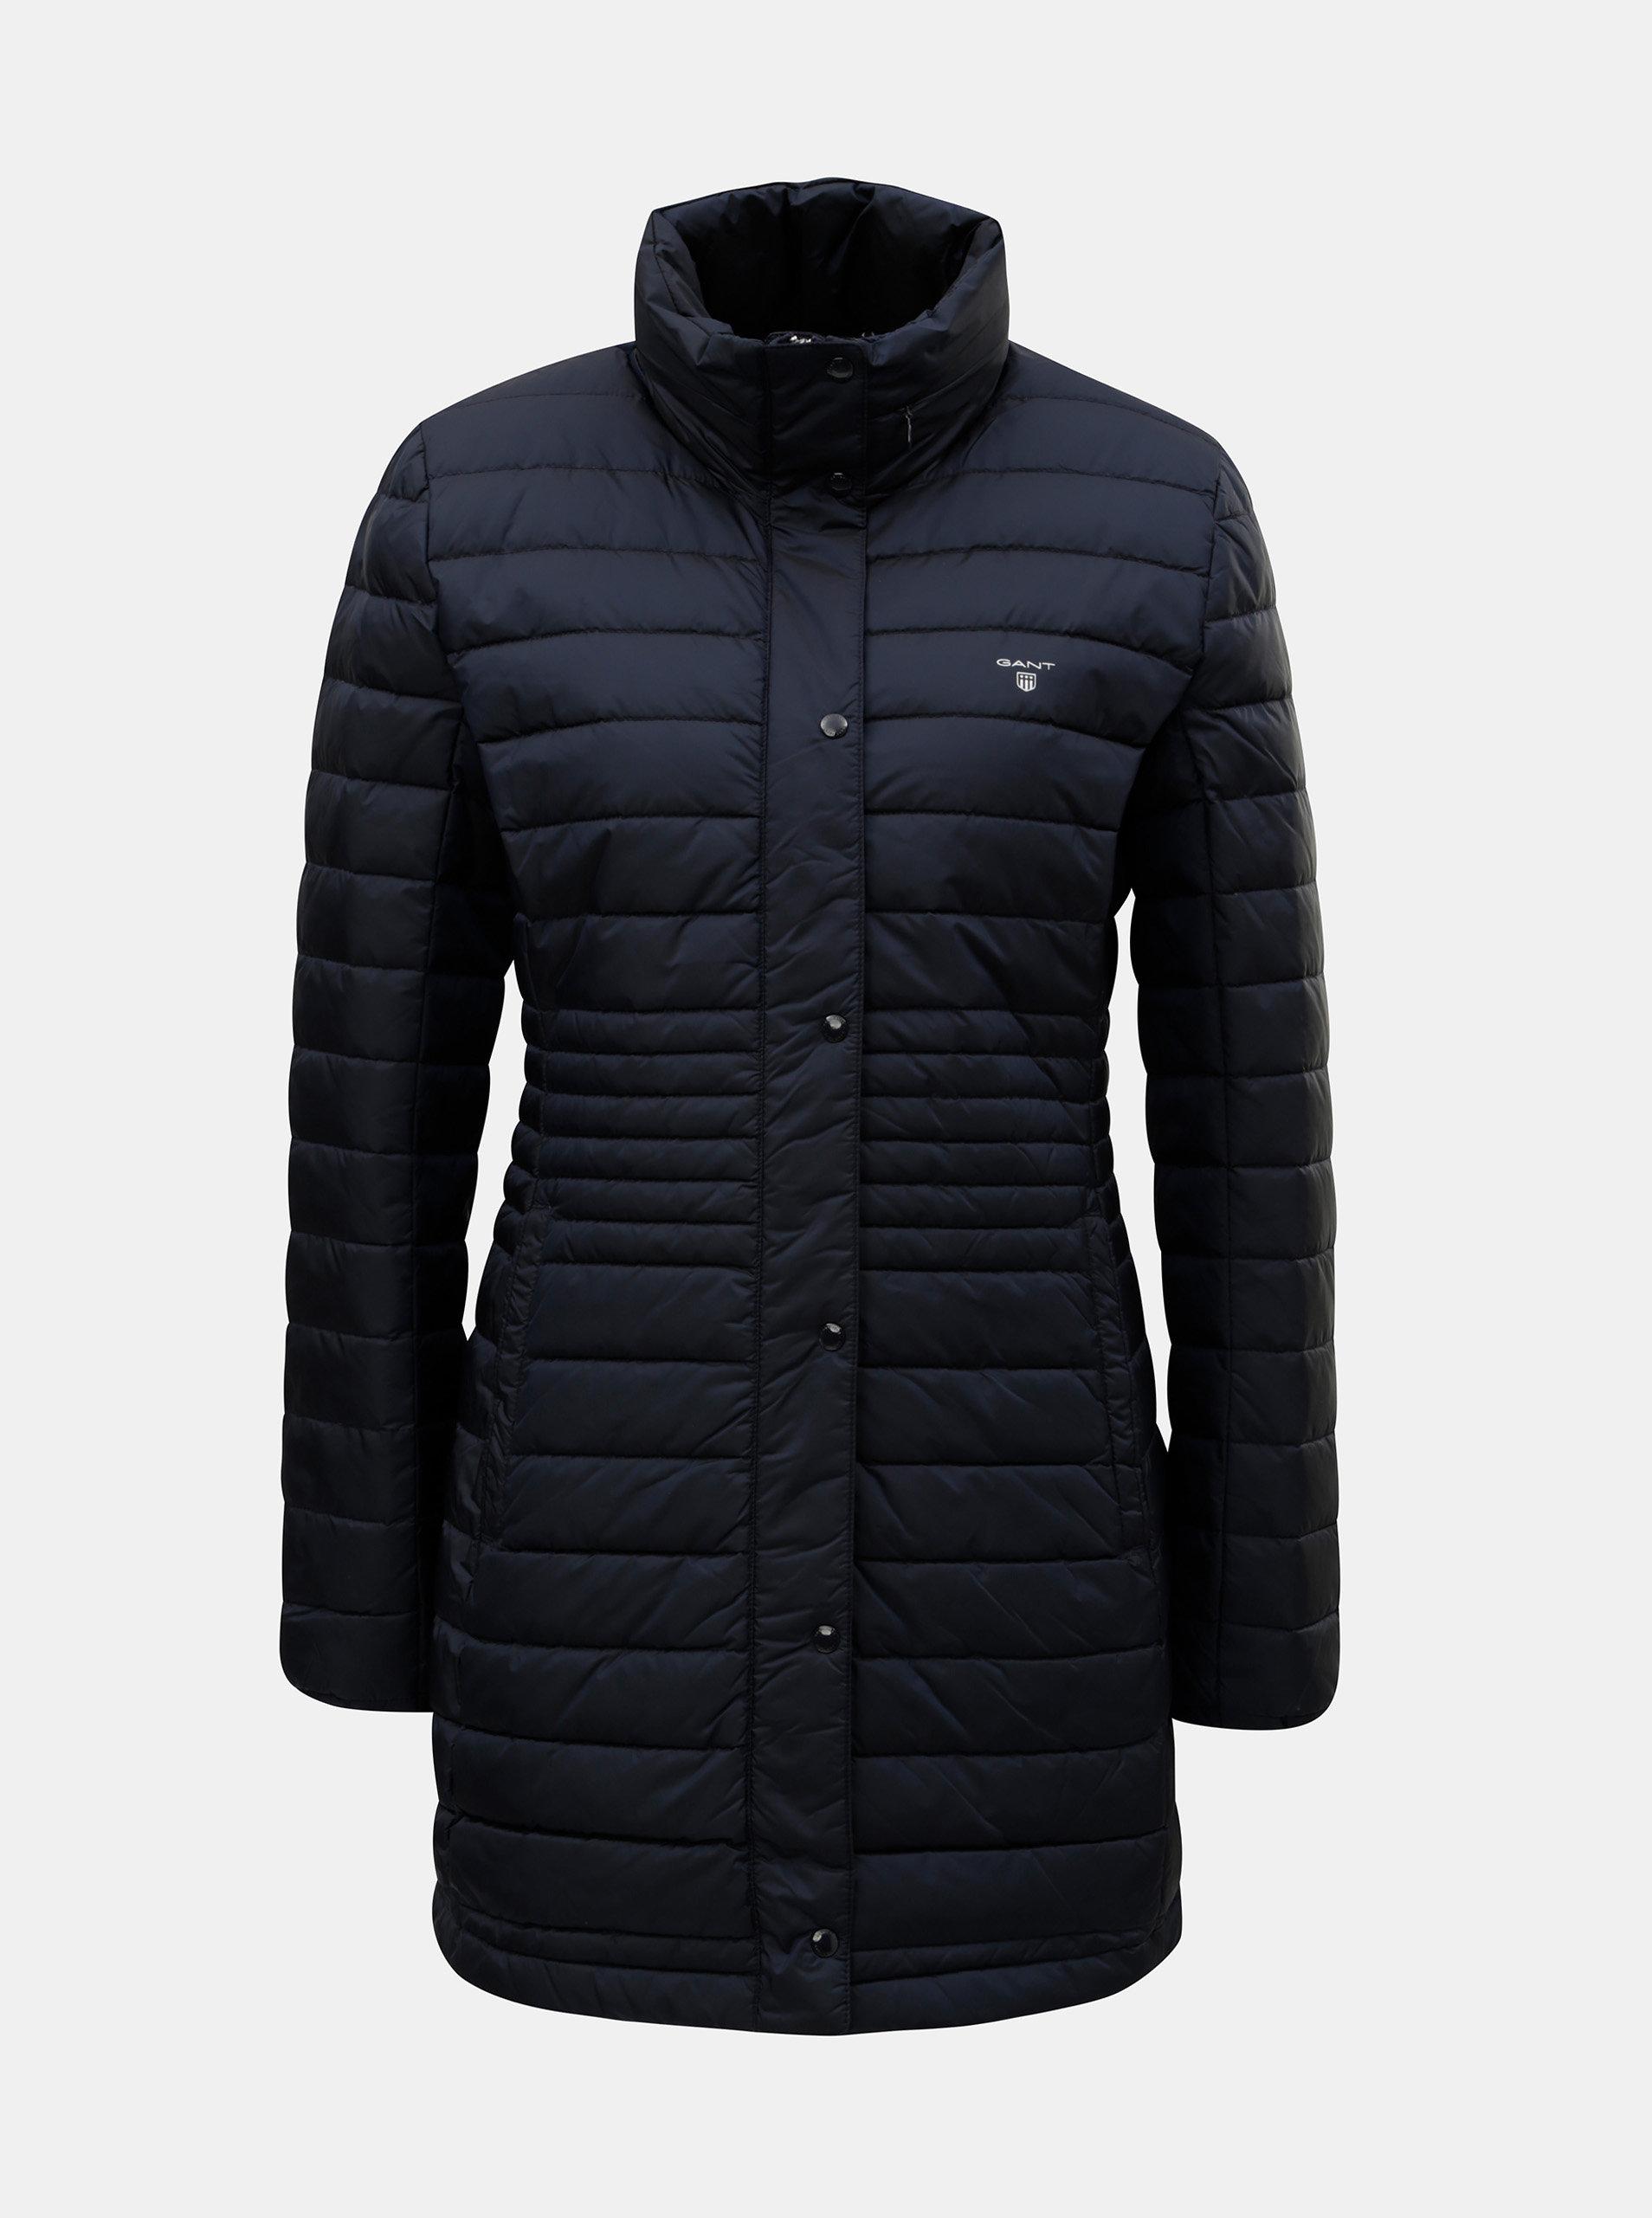 Tmavě modrý dámský péřový prošívaný kabát GANT ... fa4c062492d